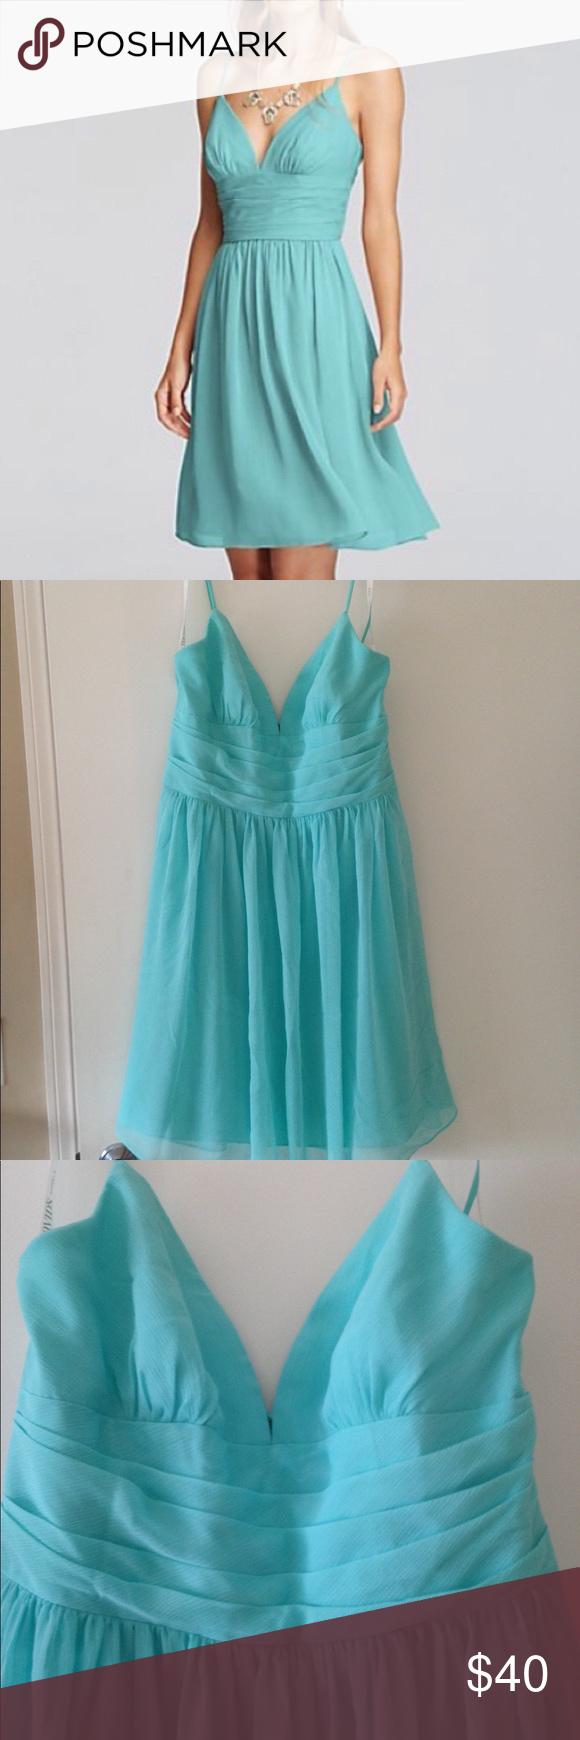 Davids bridal chiffon dress chiffon dress blue green and size